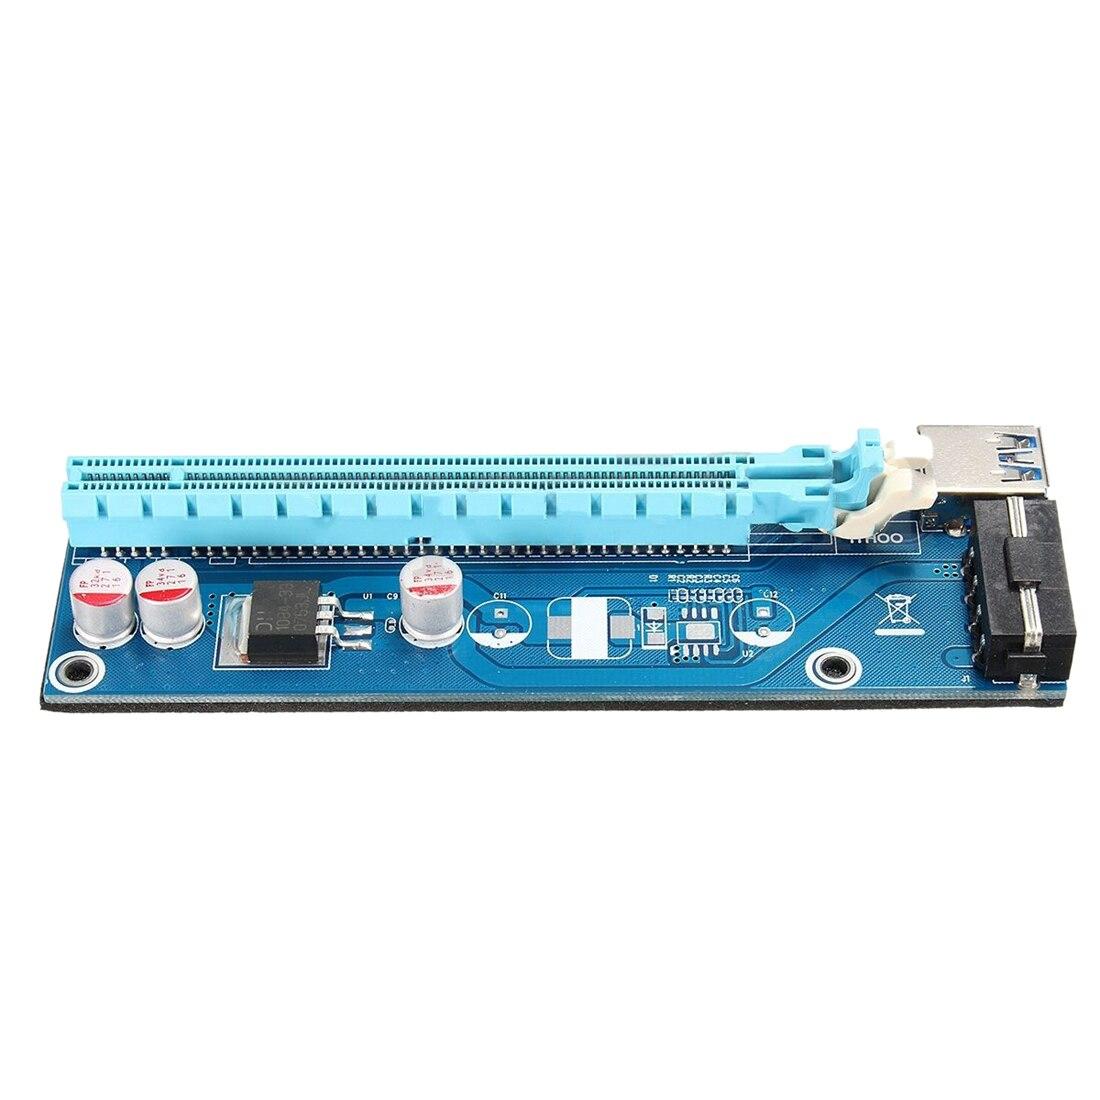 15 jeux USB3.0 PCI-E Express 1x à 16x rallonge carte Riser 4Pin SATA câble d'alimentation bleu